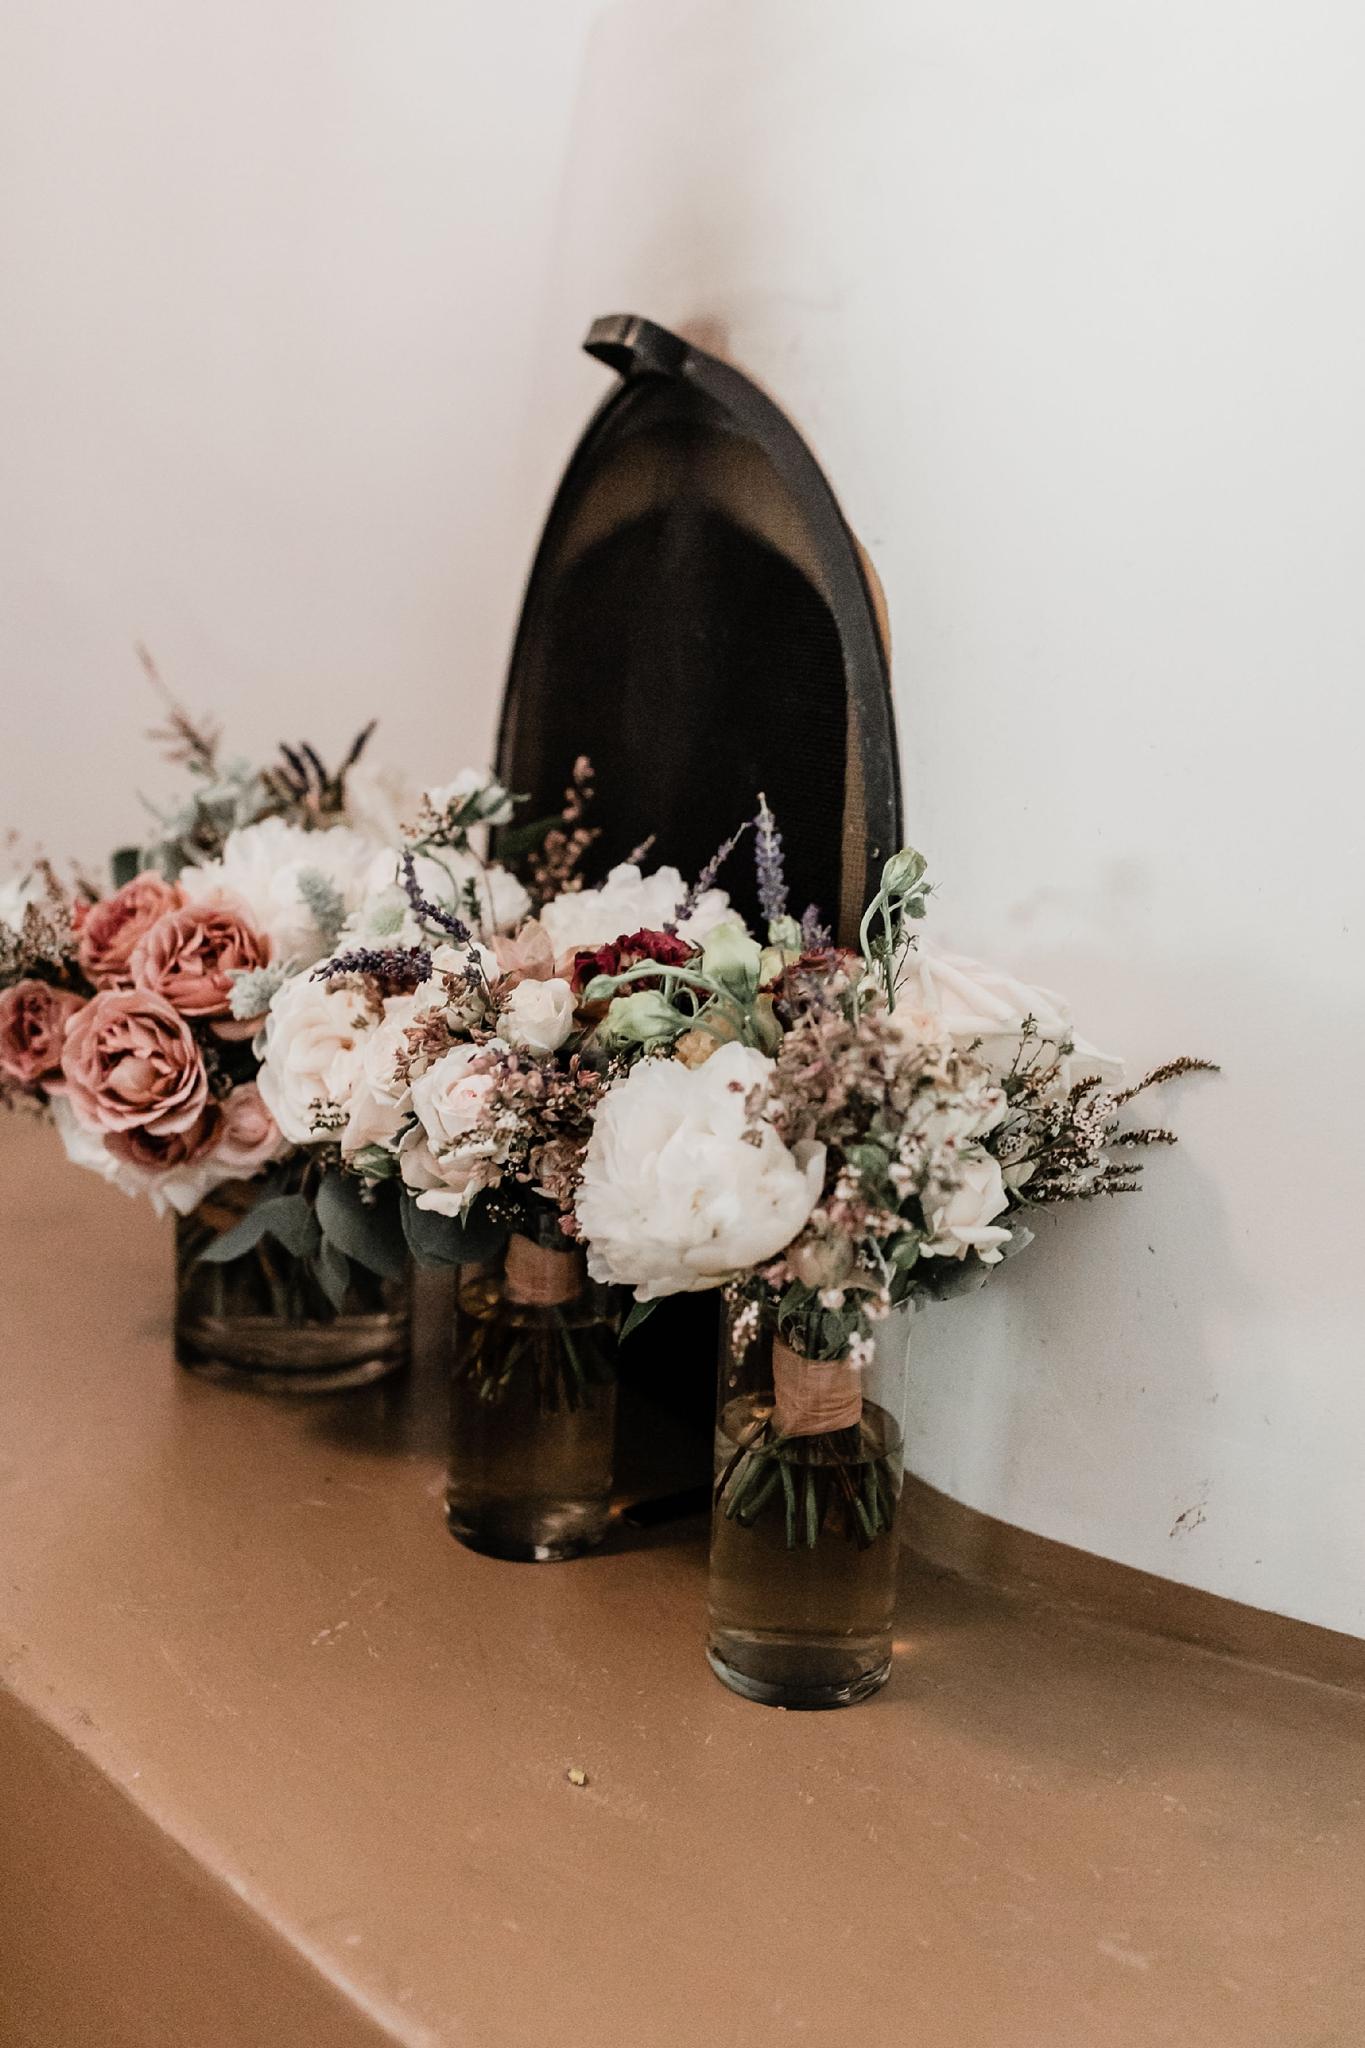 Alicia+lucia+photography+-+albuquerque+wedding+photographer+-+santa+fe+wedding+photography+-+new+mexico+wedding+photographer+-+new+mexico+wedding+-+summer+wedding+-+summer+wedding+florals+-+southwest+wedding_0058.jpg